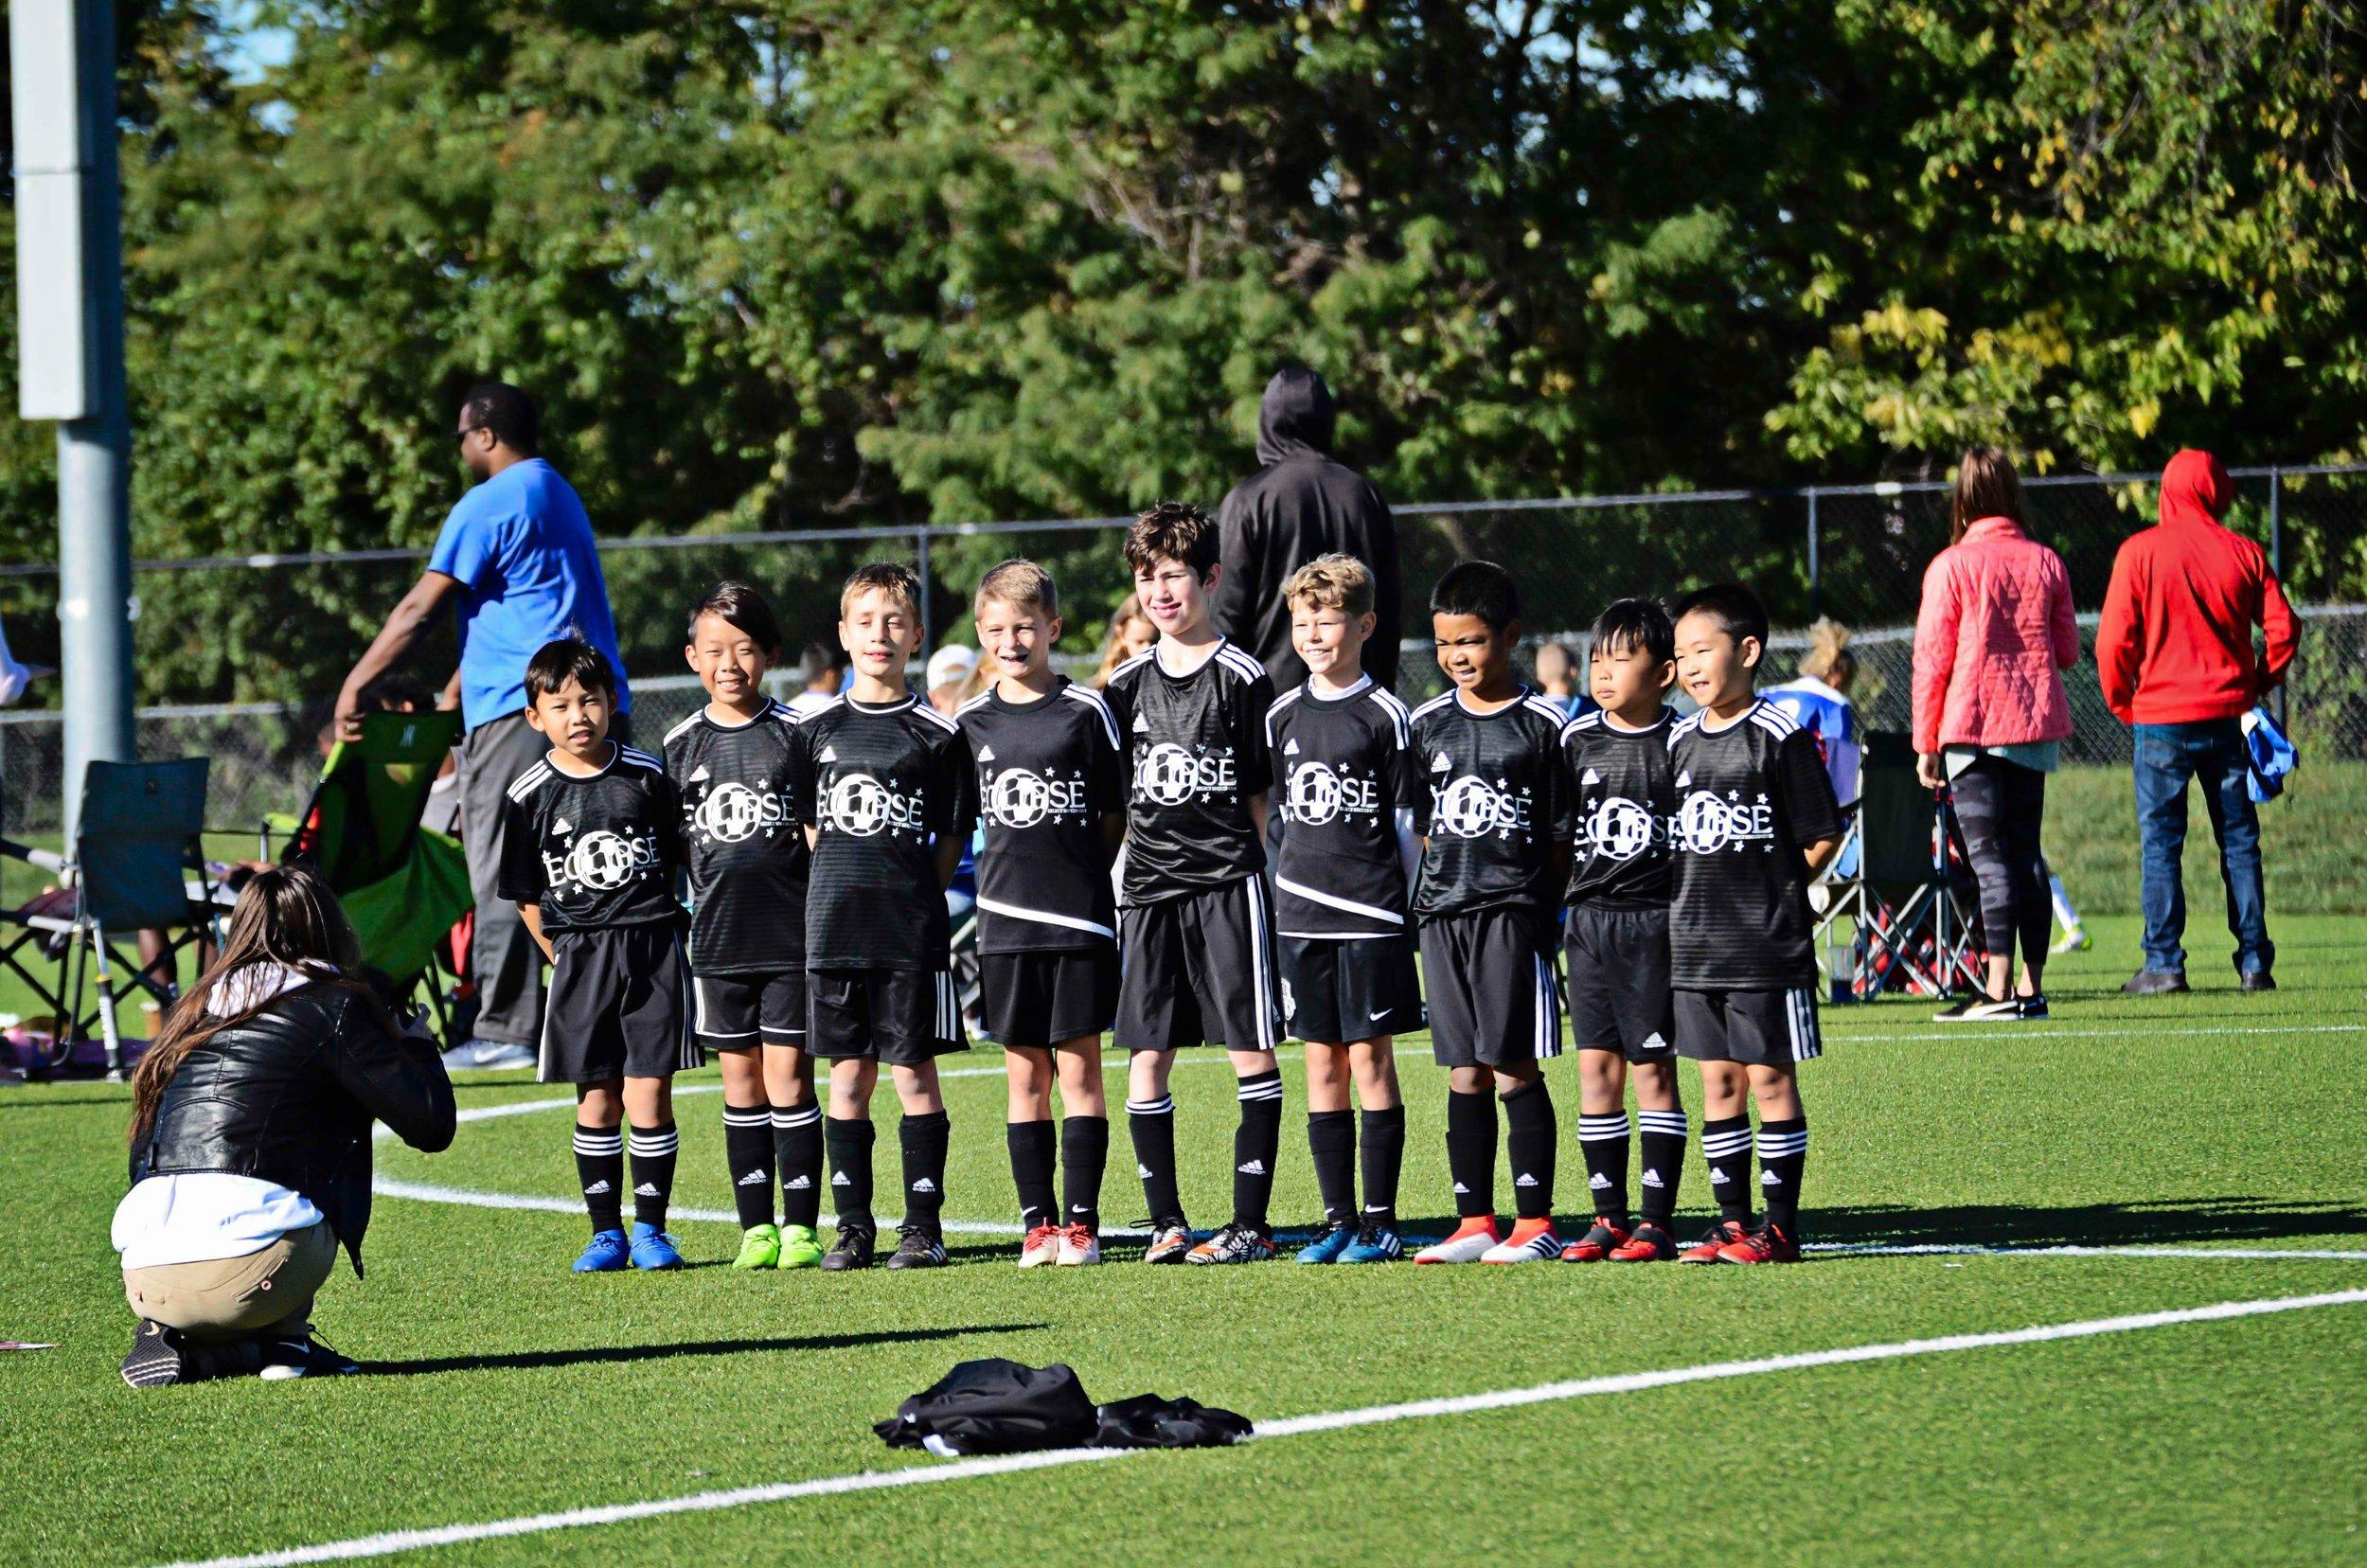 09 Boys KC.jpg